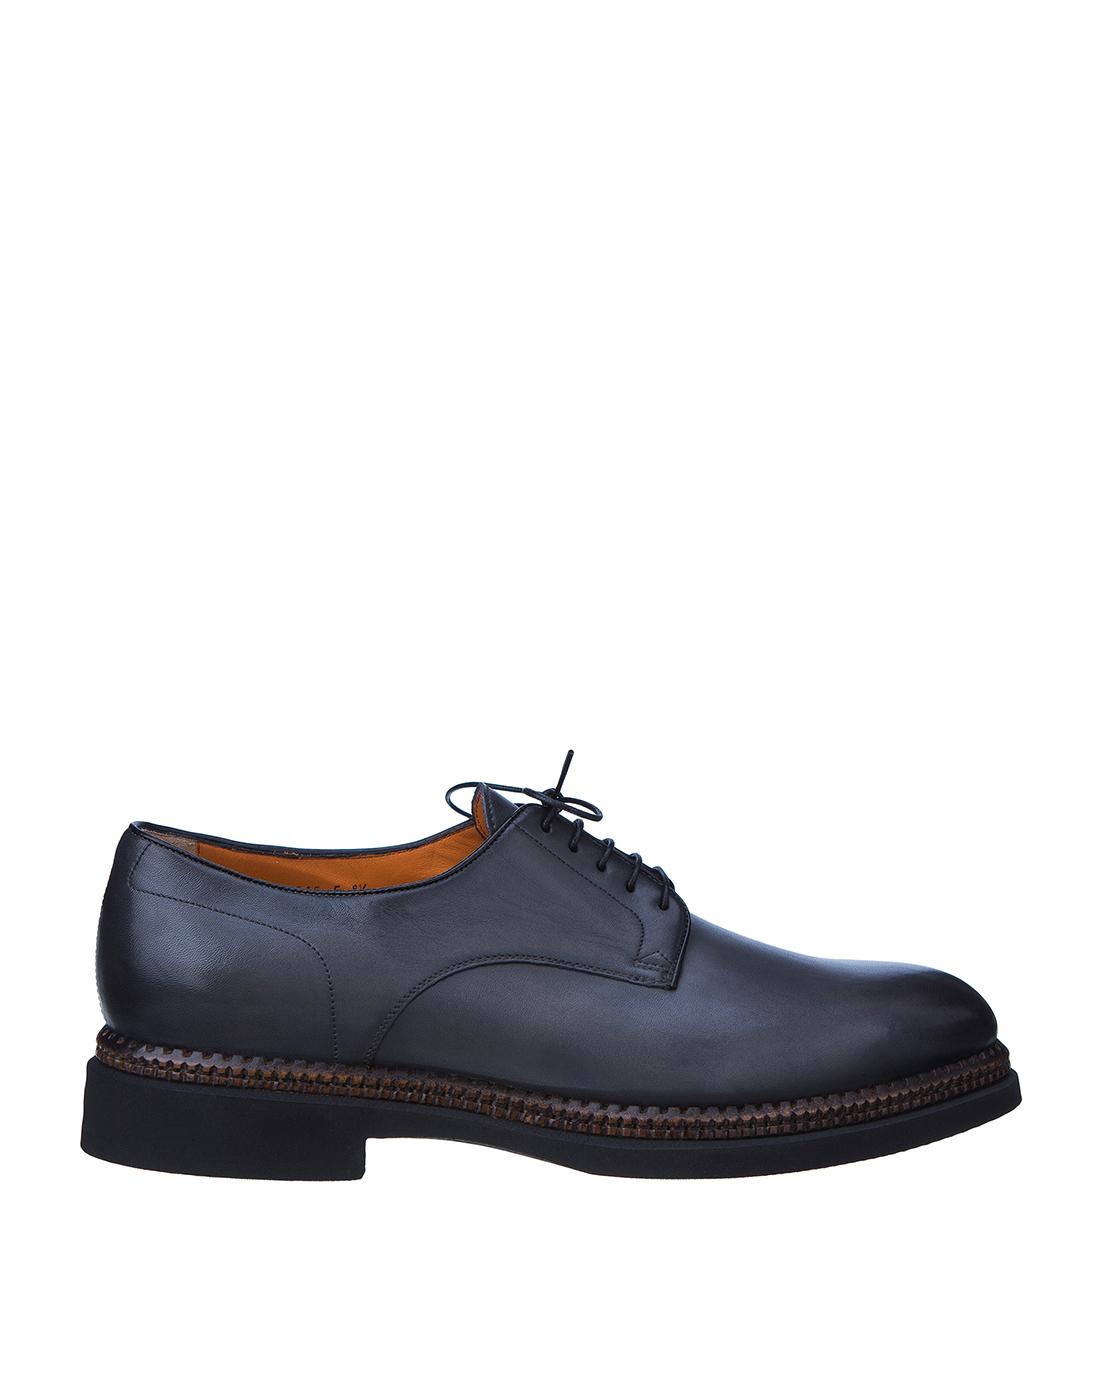 Туфли серые мужские Santoni S16351-1